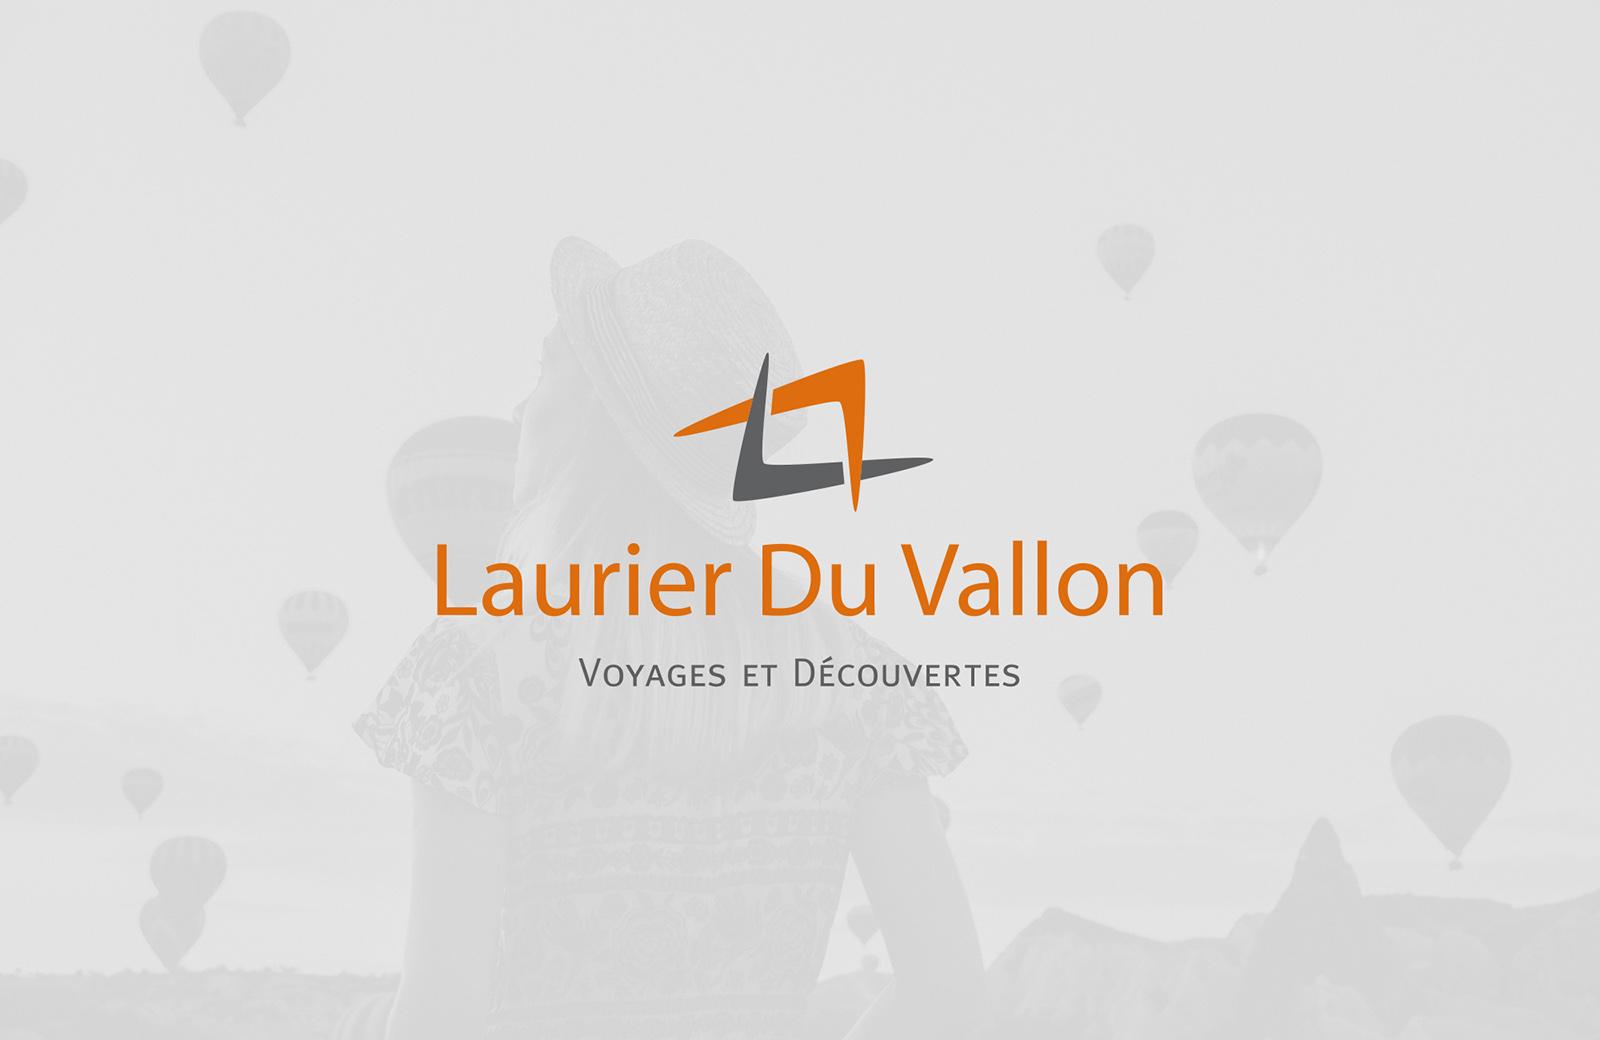 Voyages Laurier Du Vallon